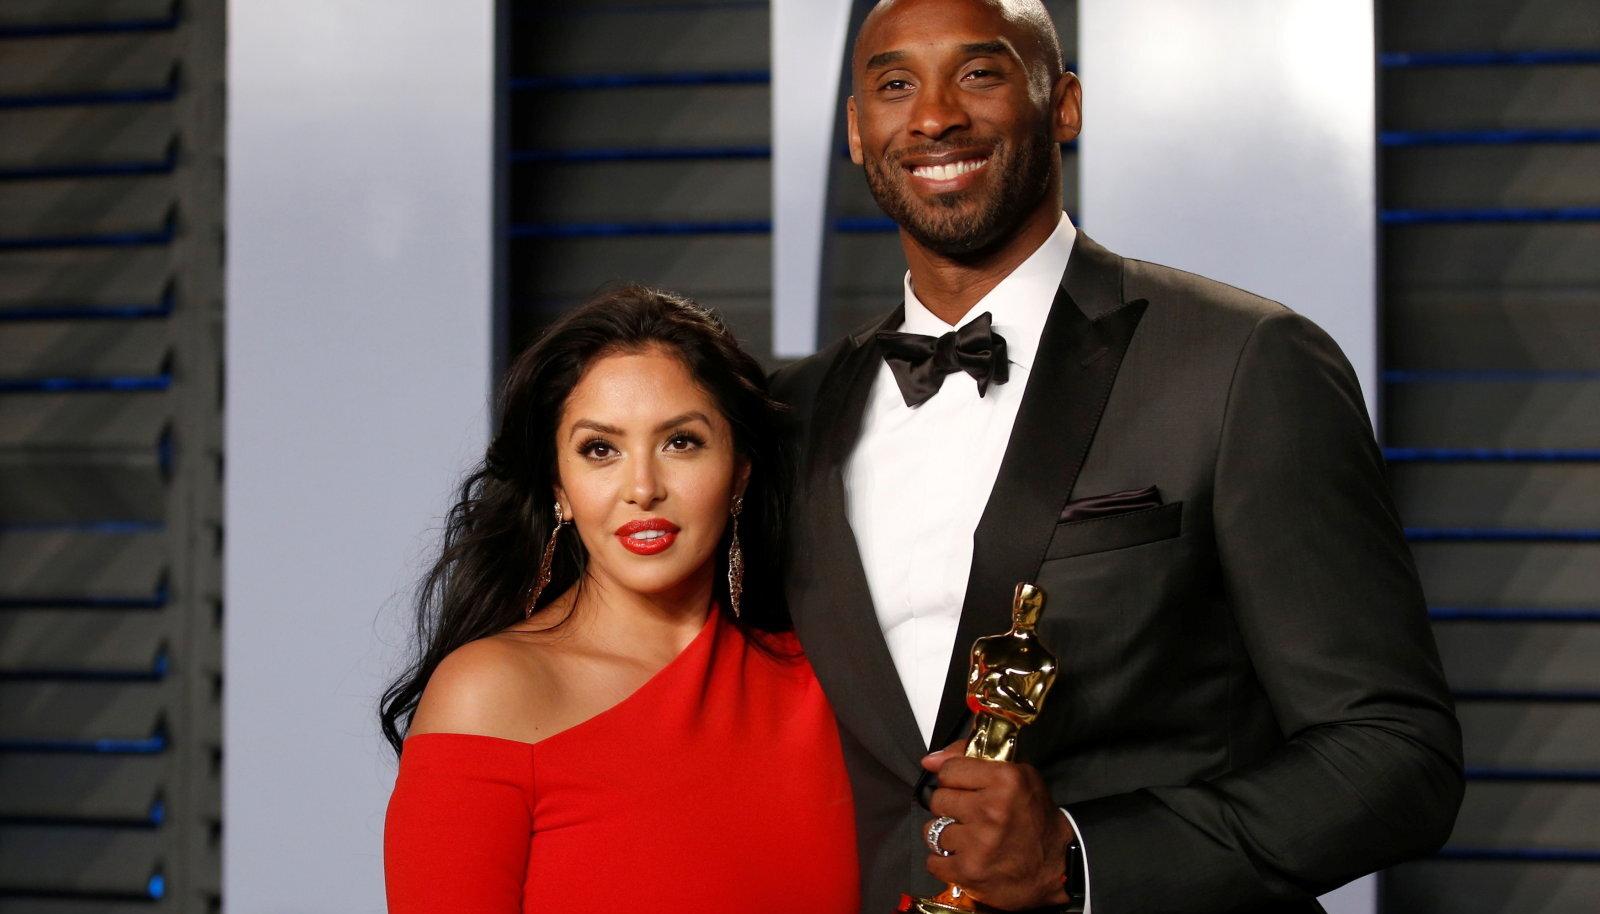 Vanessa ja Kobe Bryant 2018. aastal.